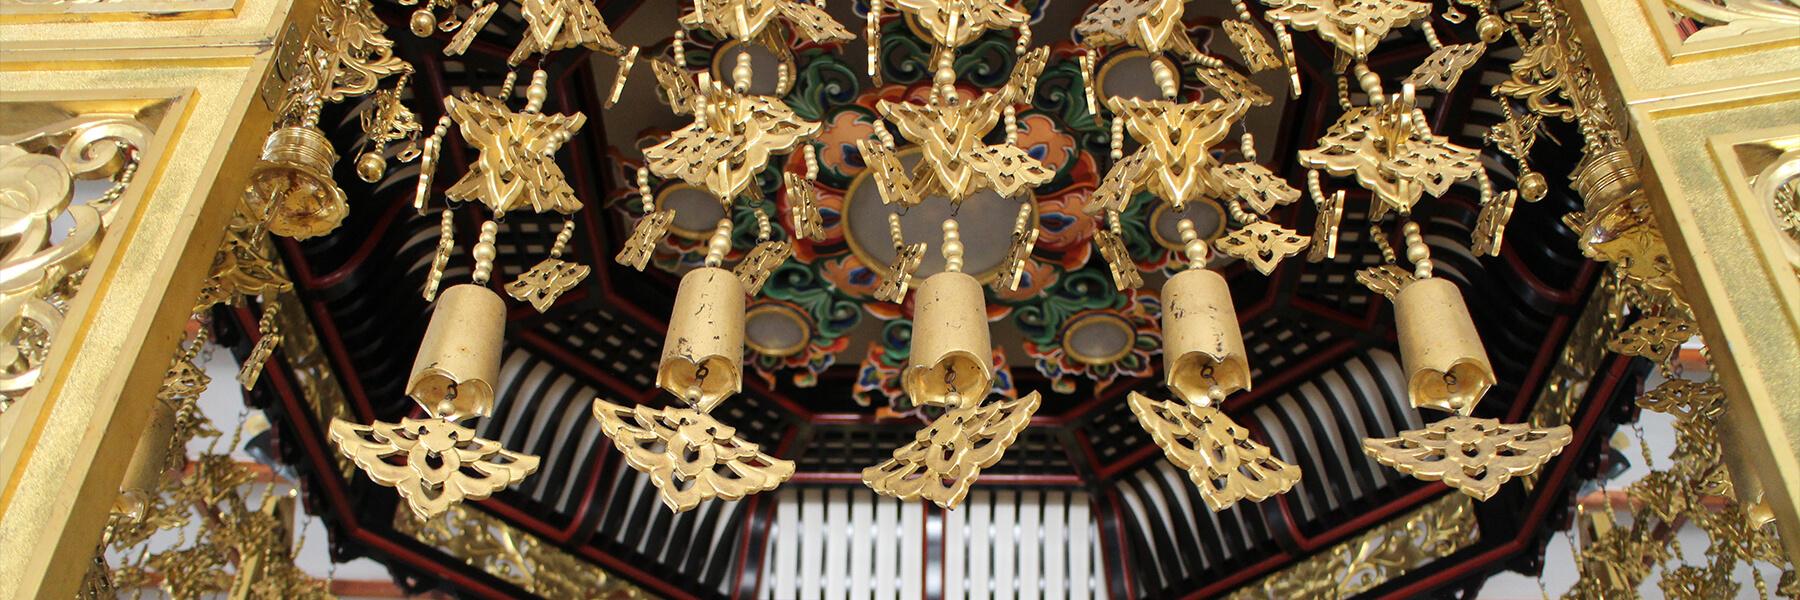 愛知県名古屋市にある宗派臨済宗妙心寺の蓬莱山徳源禅寺